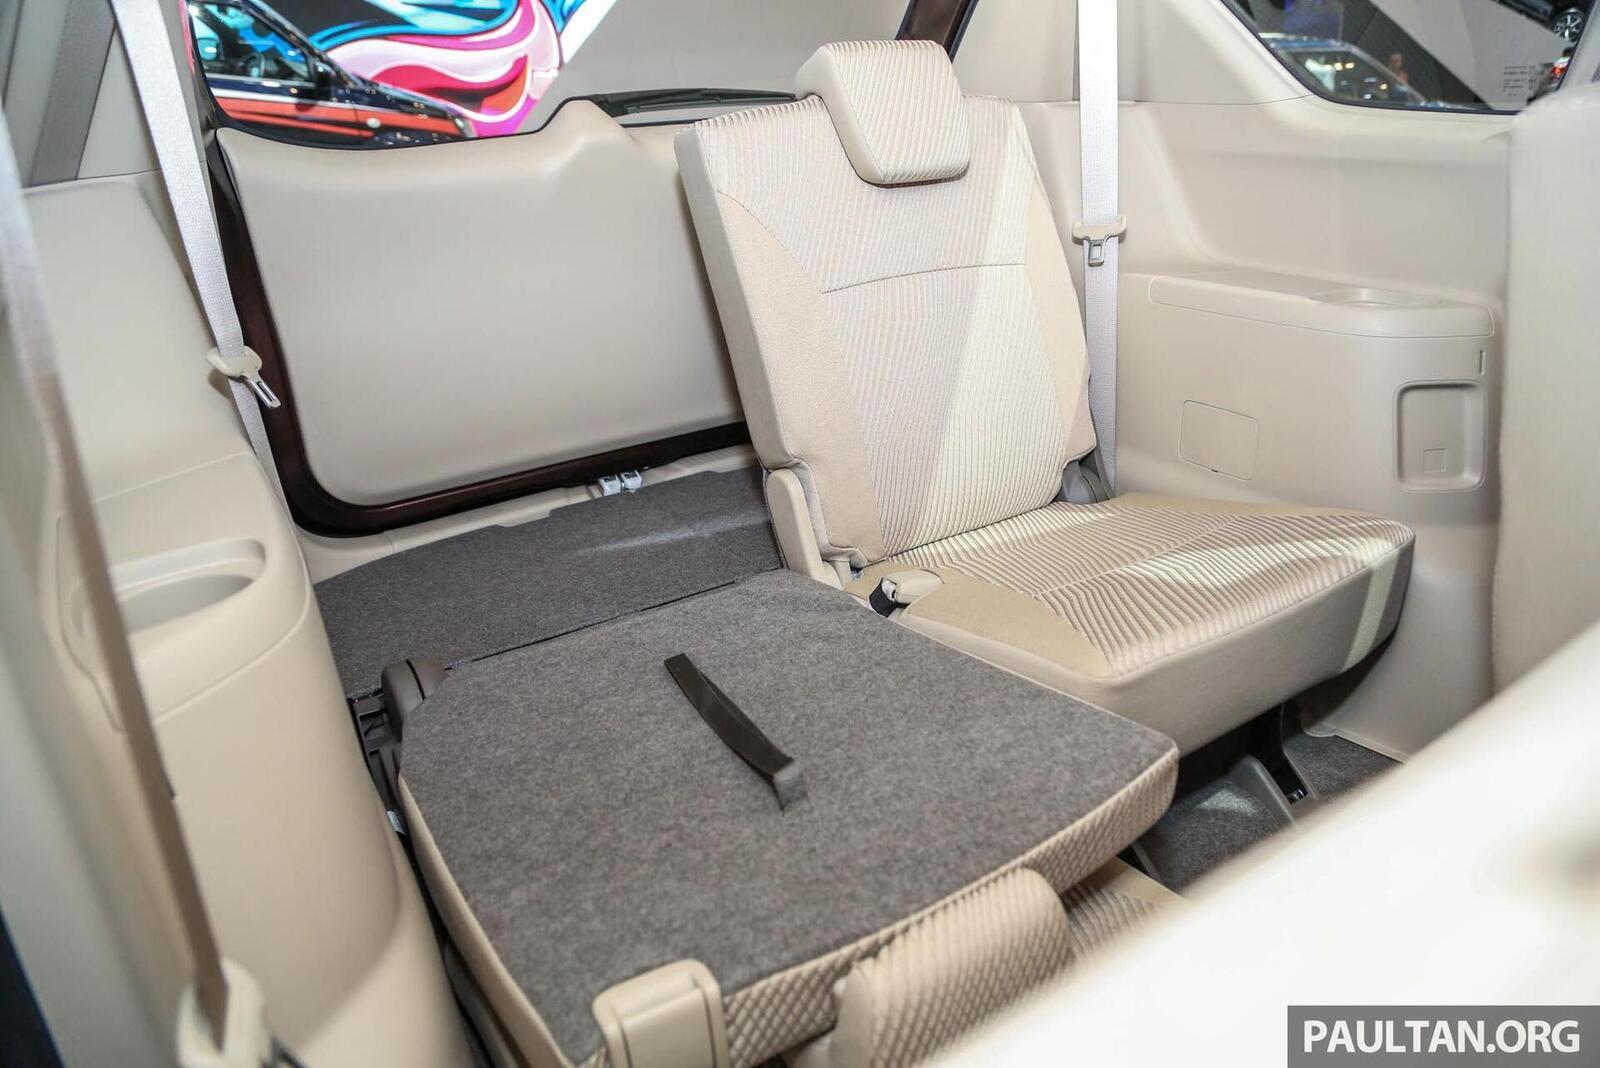 Suzuki Ertiga thế hệ mới có giá từ 486 triệu đồng tại Thái Lan; chưa hẹn ngày về Việt Nam - Hình 11